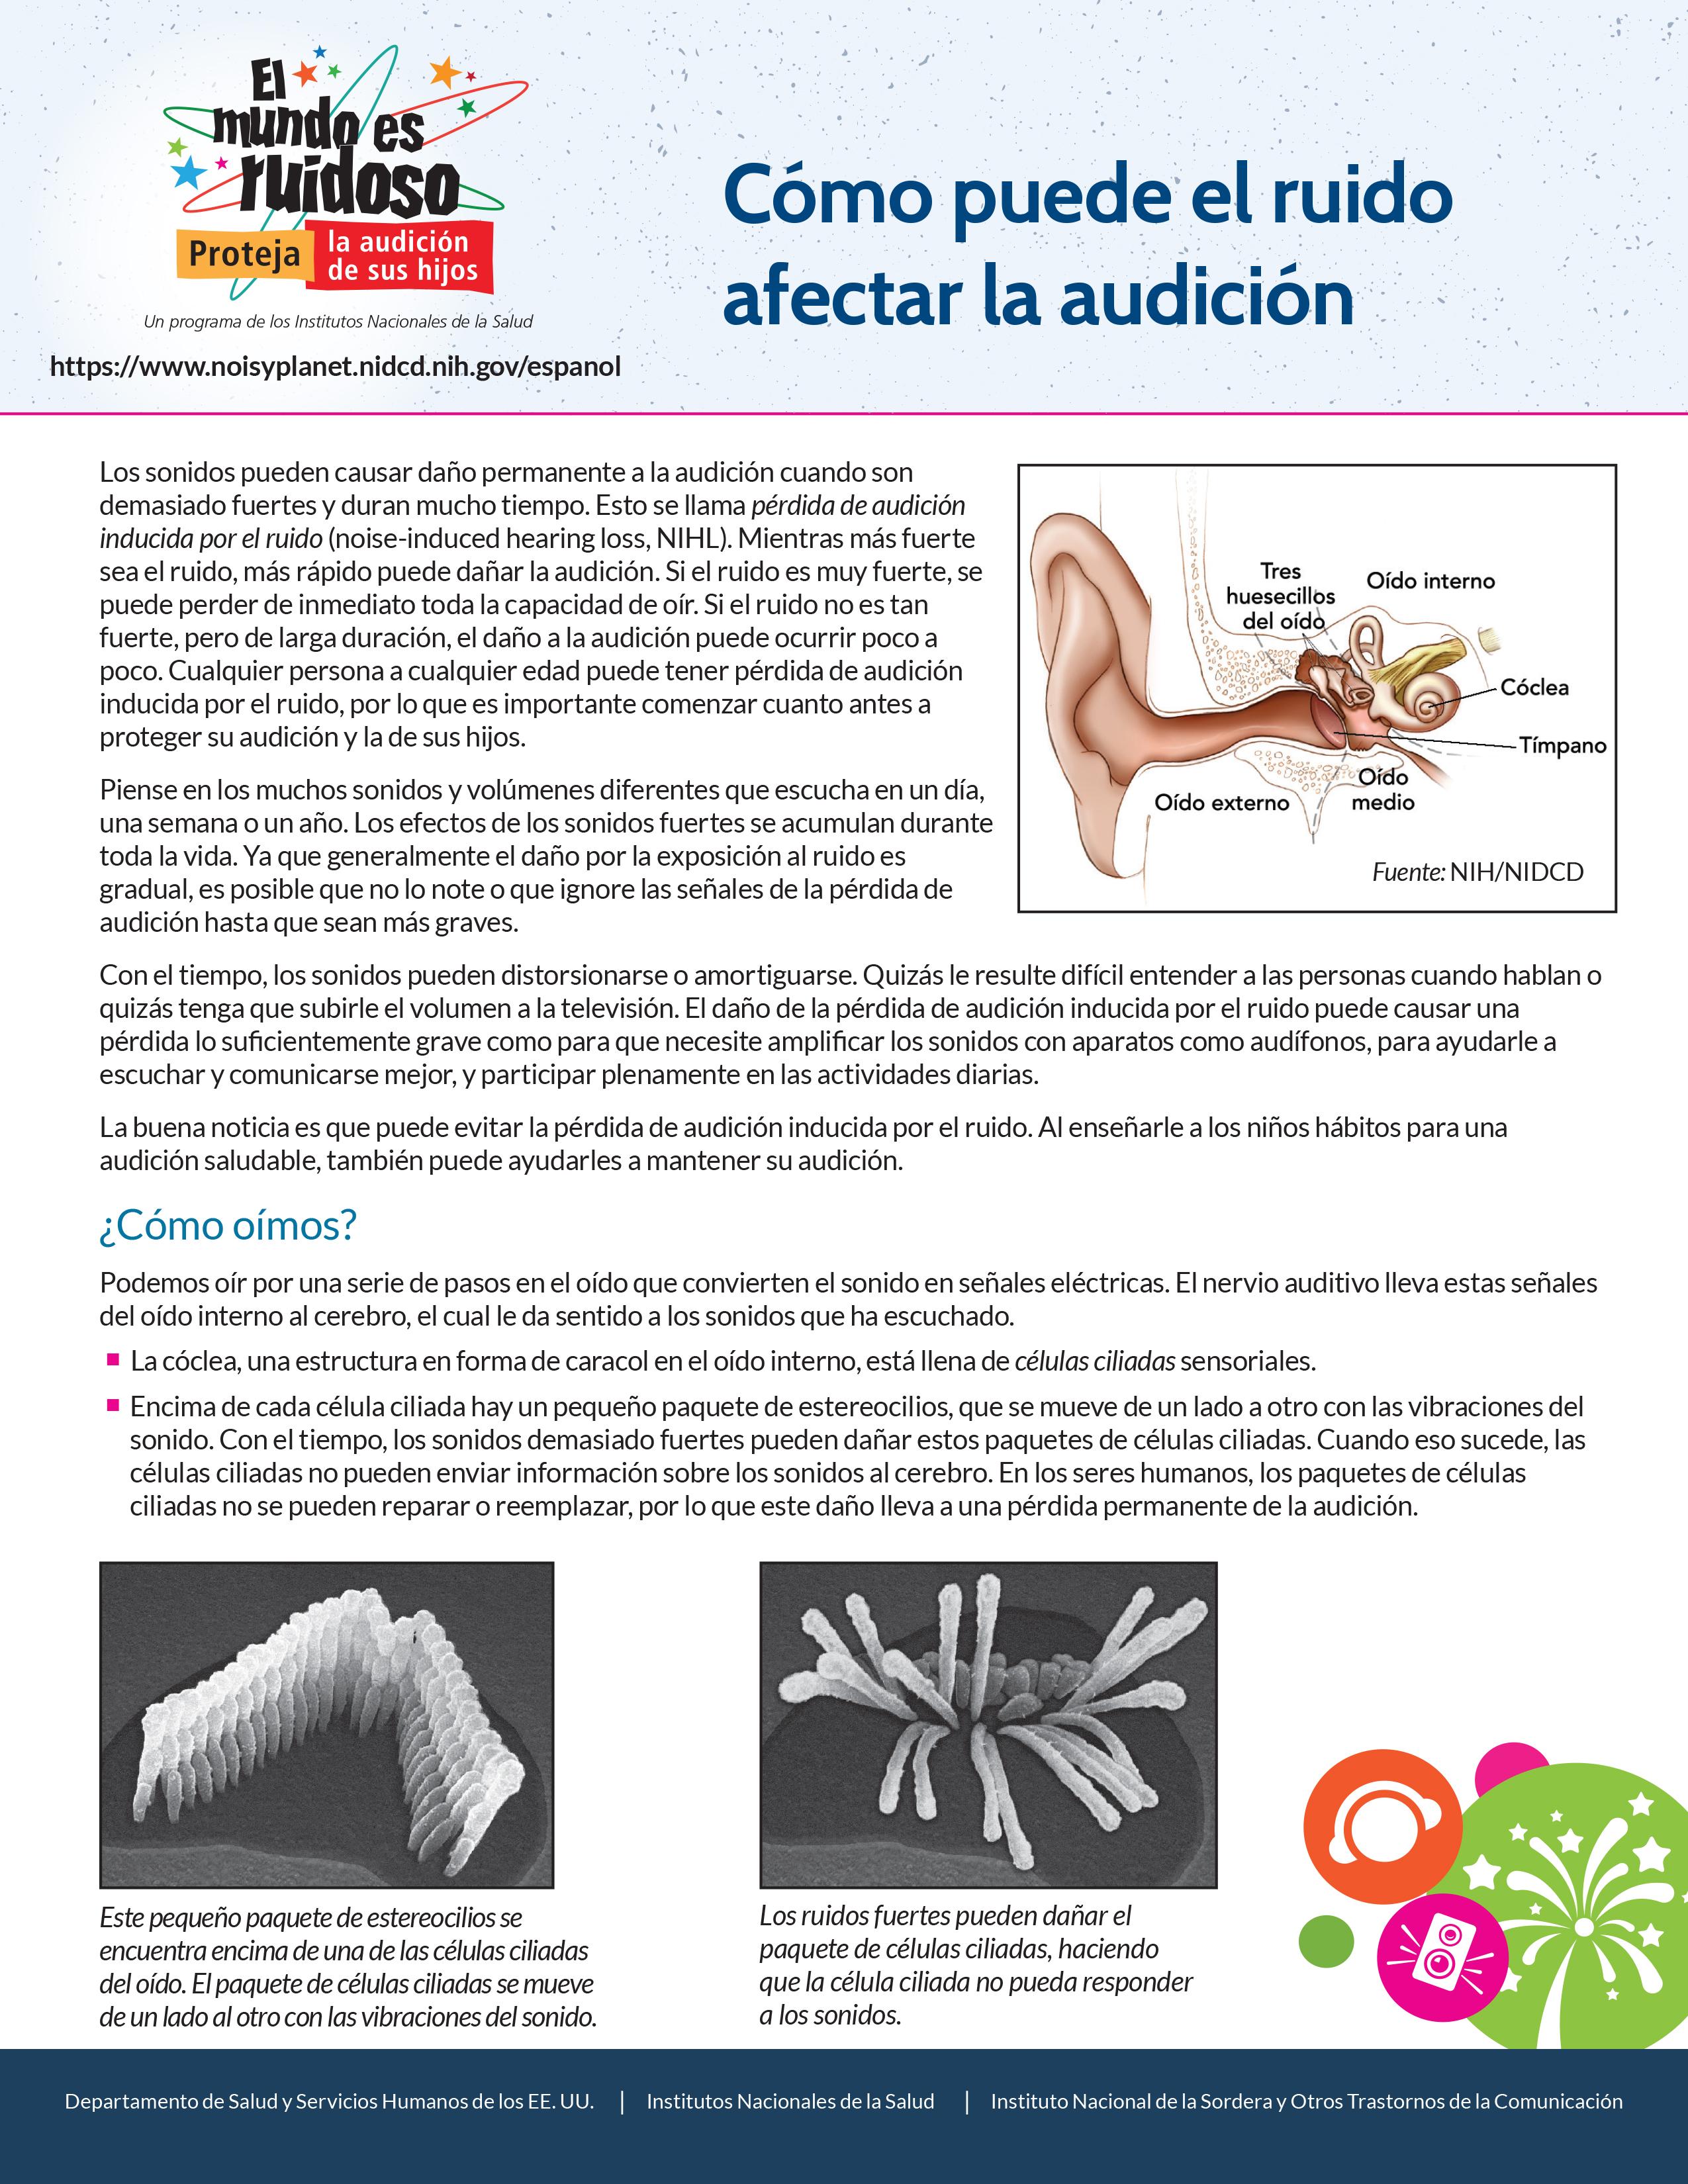 Cómo puede el ruido afectar la audición